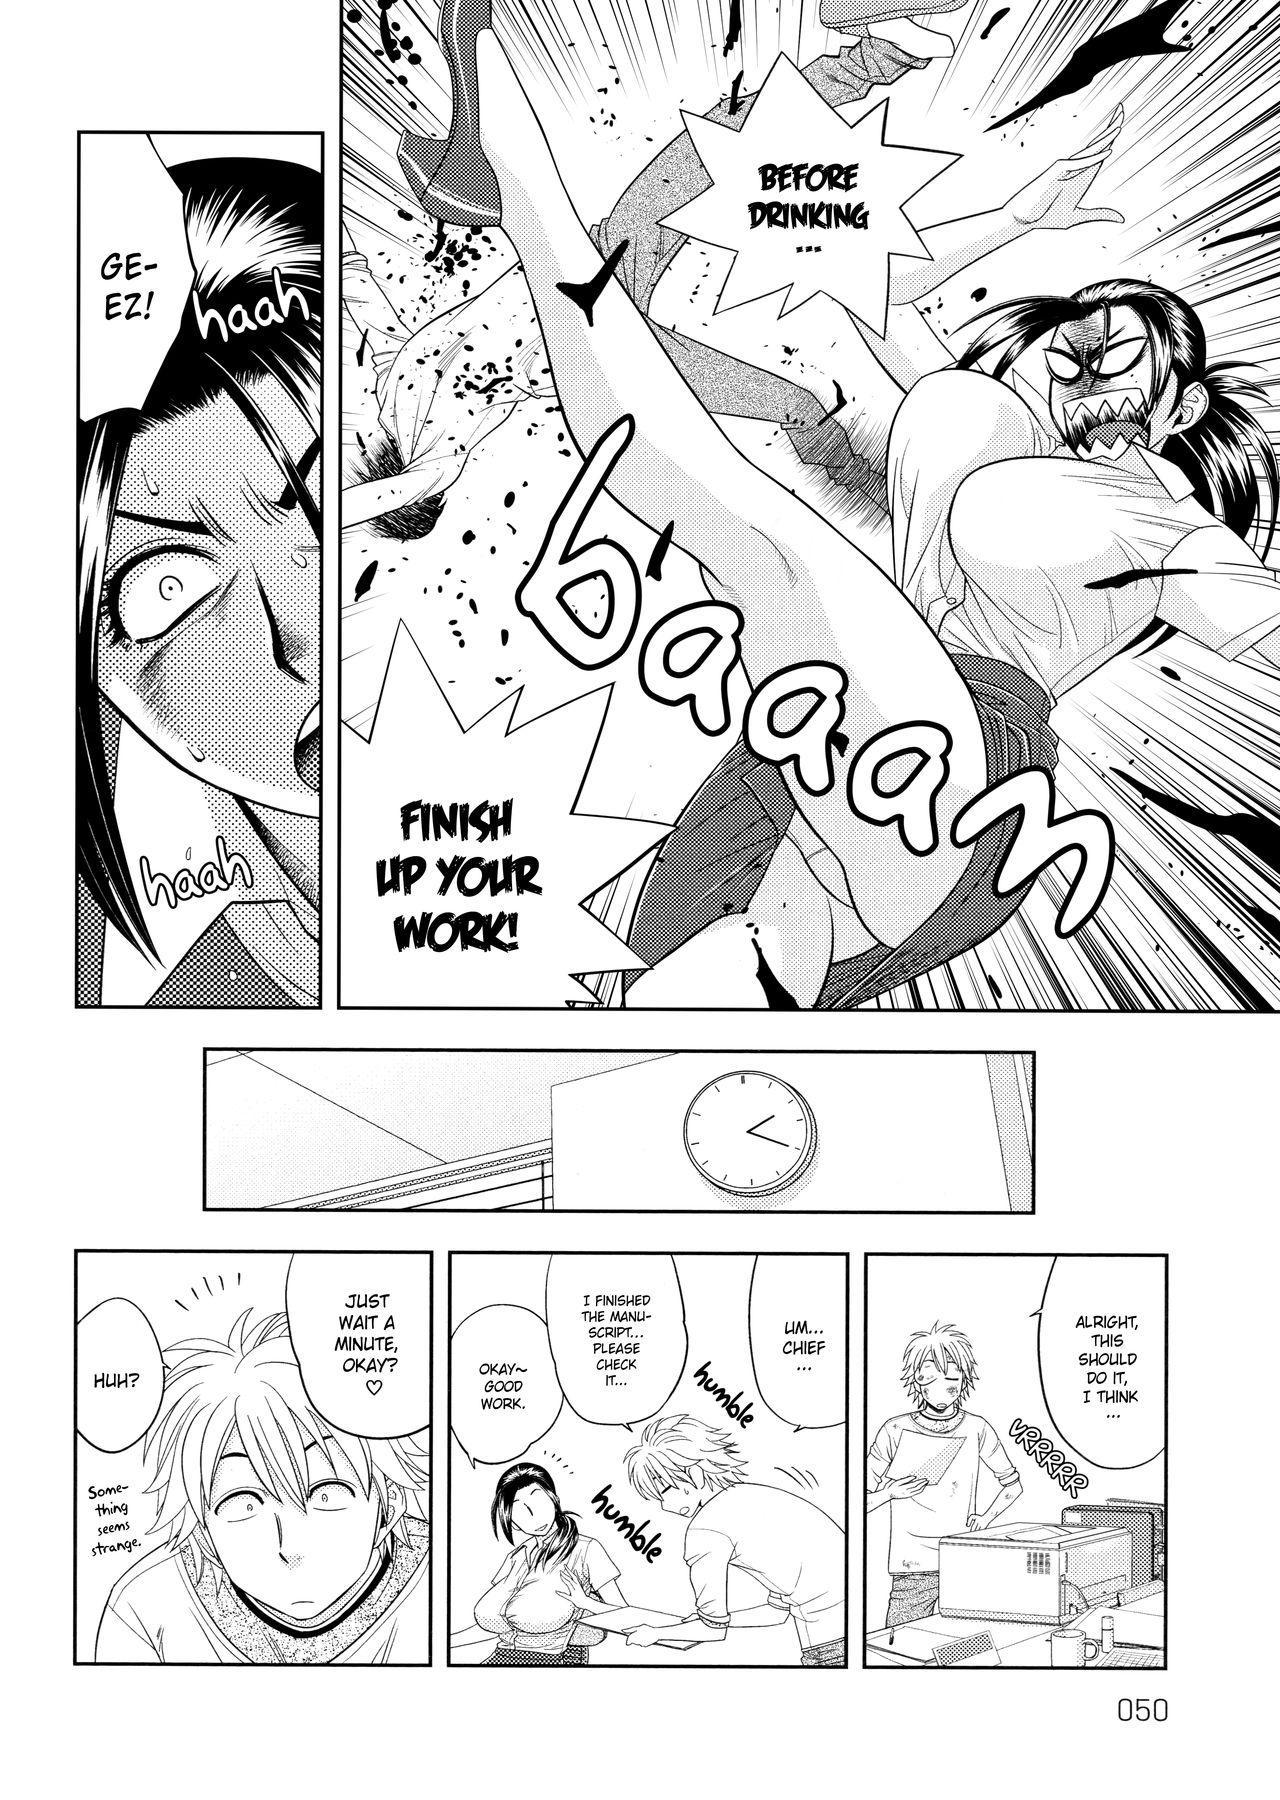 [Tatsunami Youtoku, Yamazaki Masato] Bijin Henshuu-chou no Himitsu | Beautiful Editor-in-Chief's Secret Ch. 1-4 [English] [Forbiddenfetish77, Red Vodka] [Decensored] 49